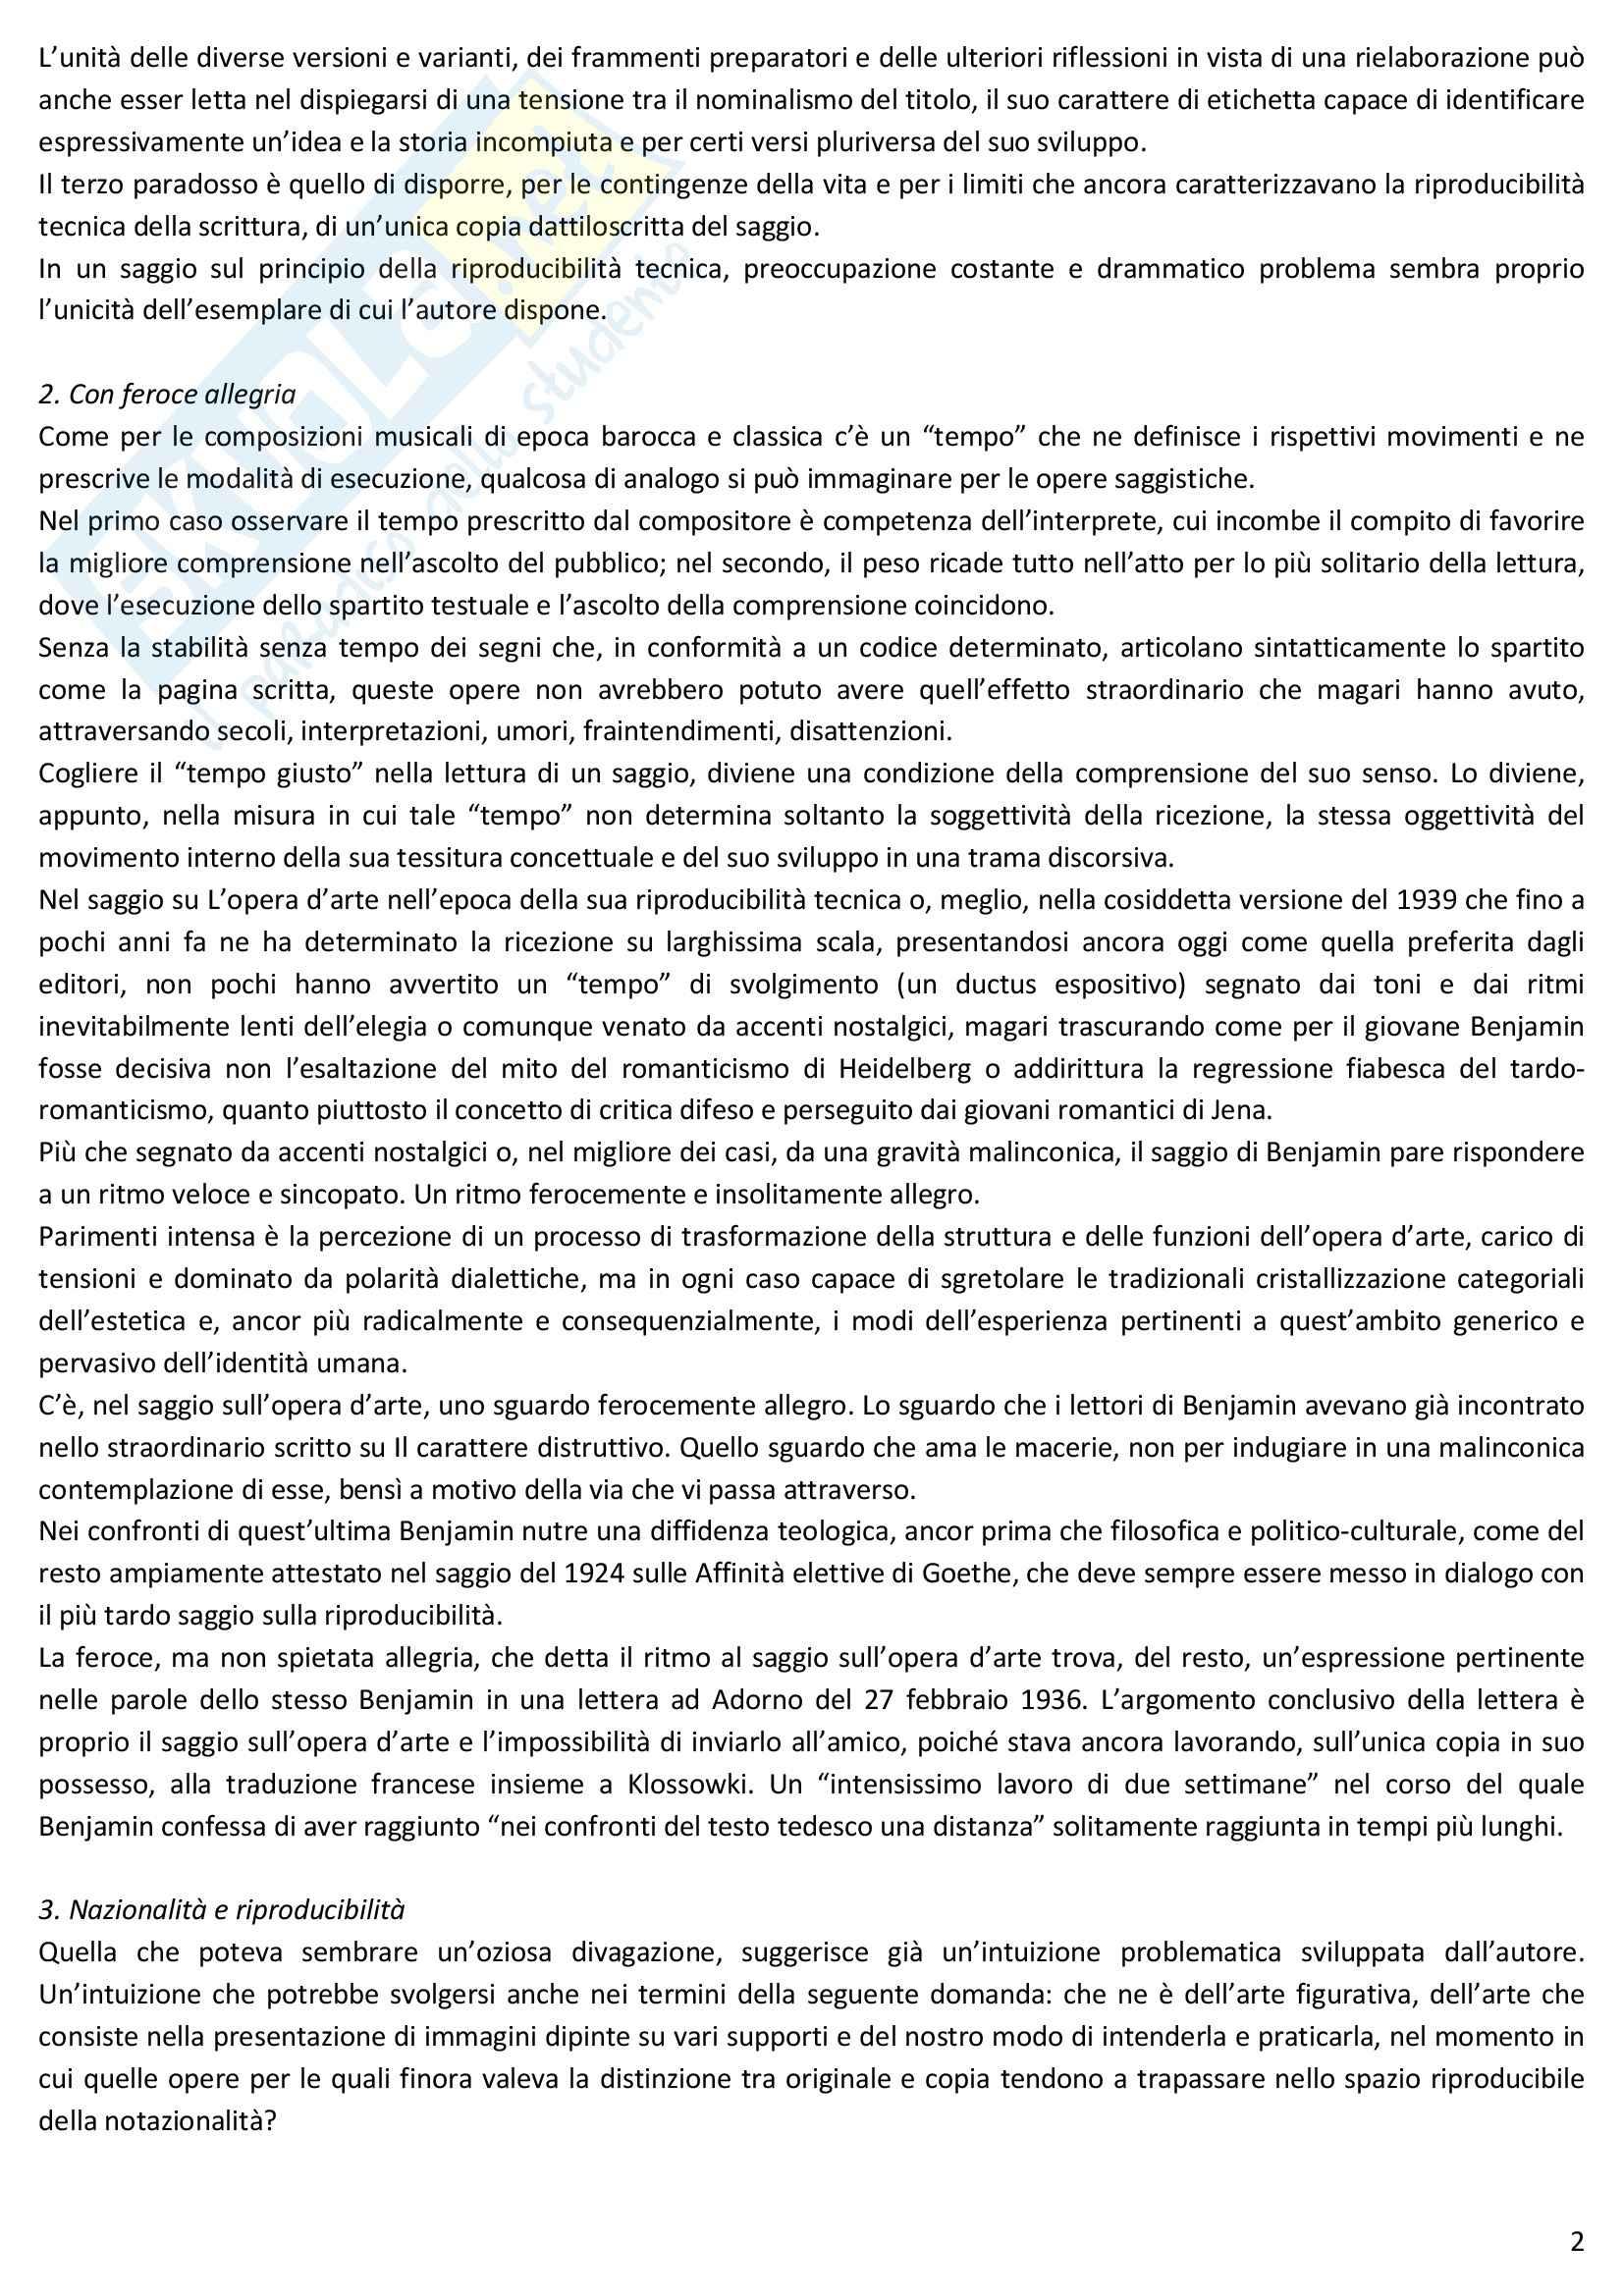 Riassunto esame Estetica, prof. Desideri, libro consigliato L'opera d'arte nell'epoca della sua riproducibilità tecnica, Benjamin Pag. 2